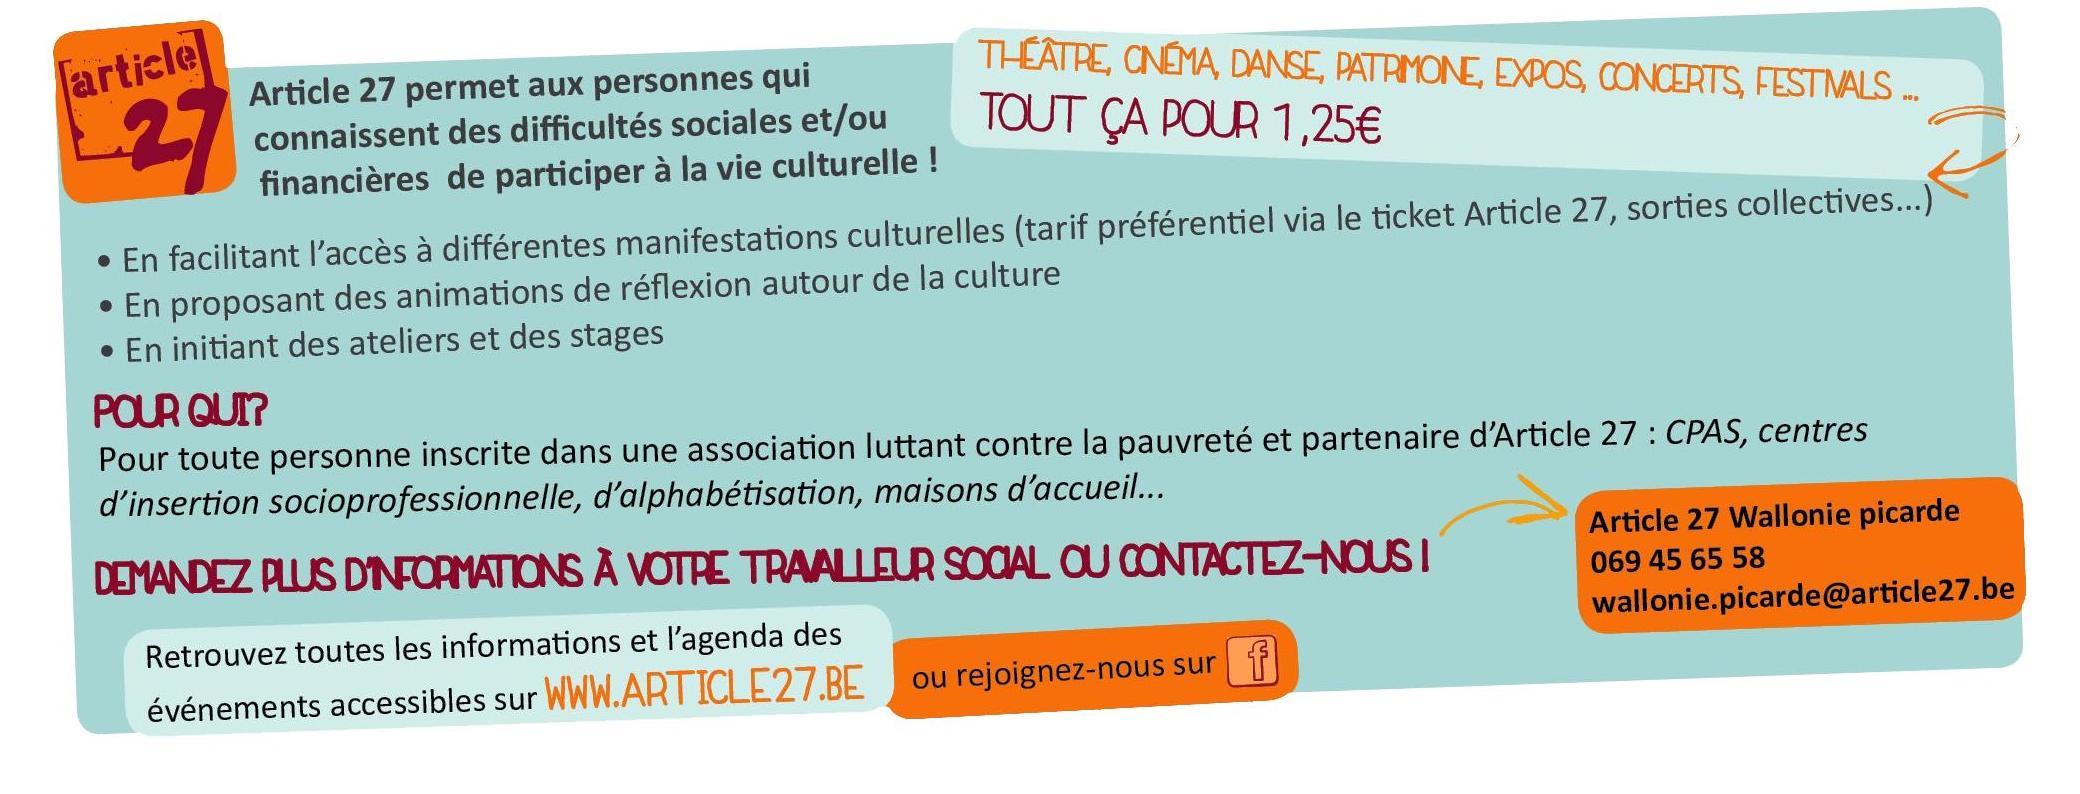 infos pratiques art27-page-001